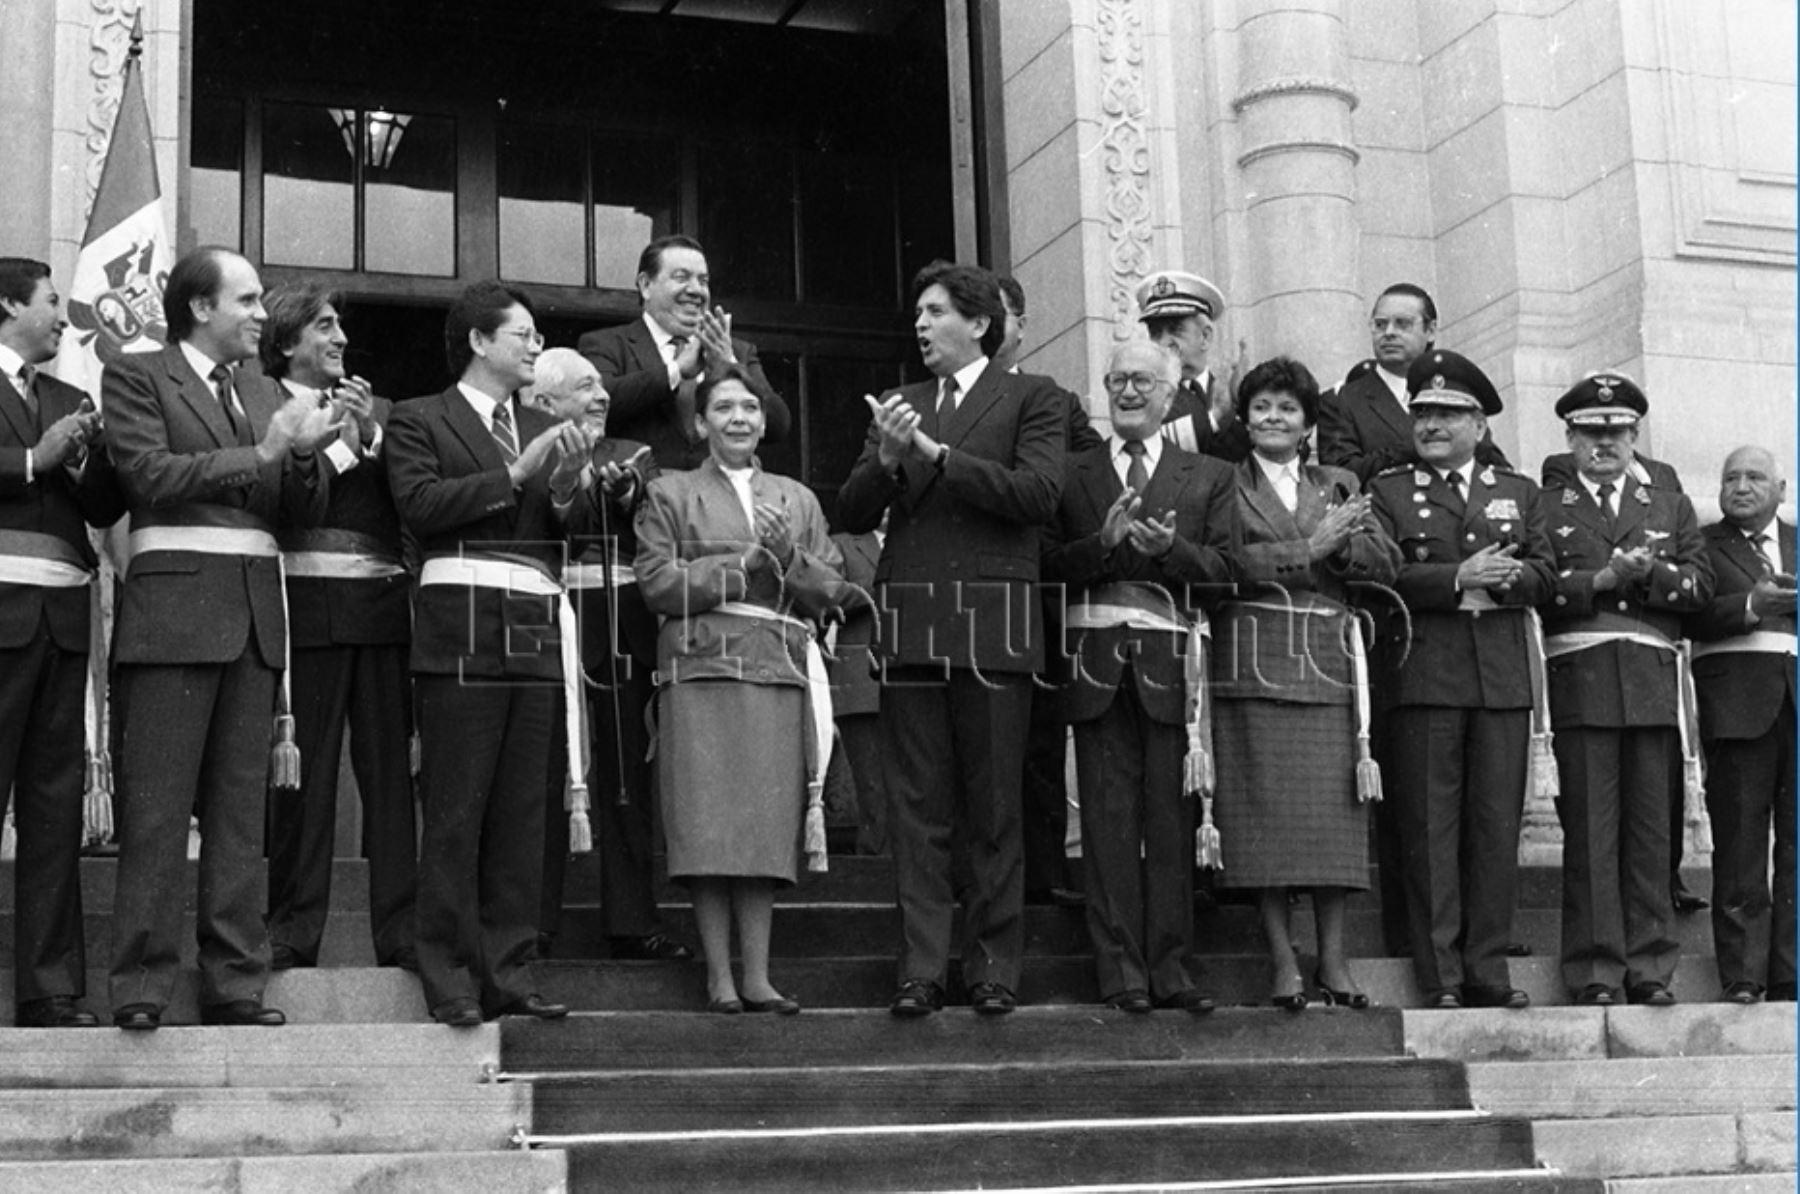 1985. En el primer gobierno de Alan García se designaron a las primeras ministras mujeres dentro de un gabinete. Ilda Urízar como titular de Salud y Mercedes Cabanillas en Educación.